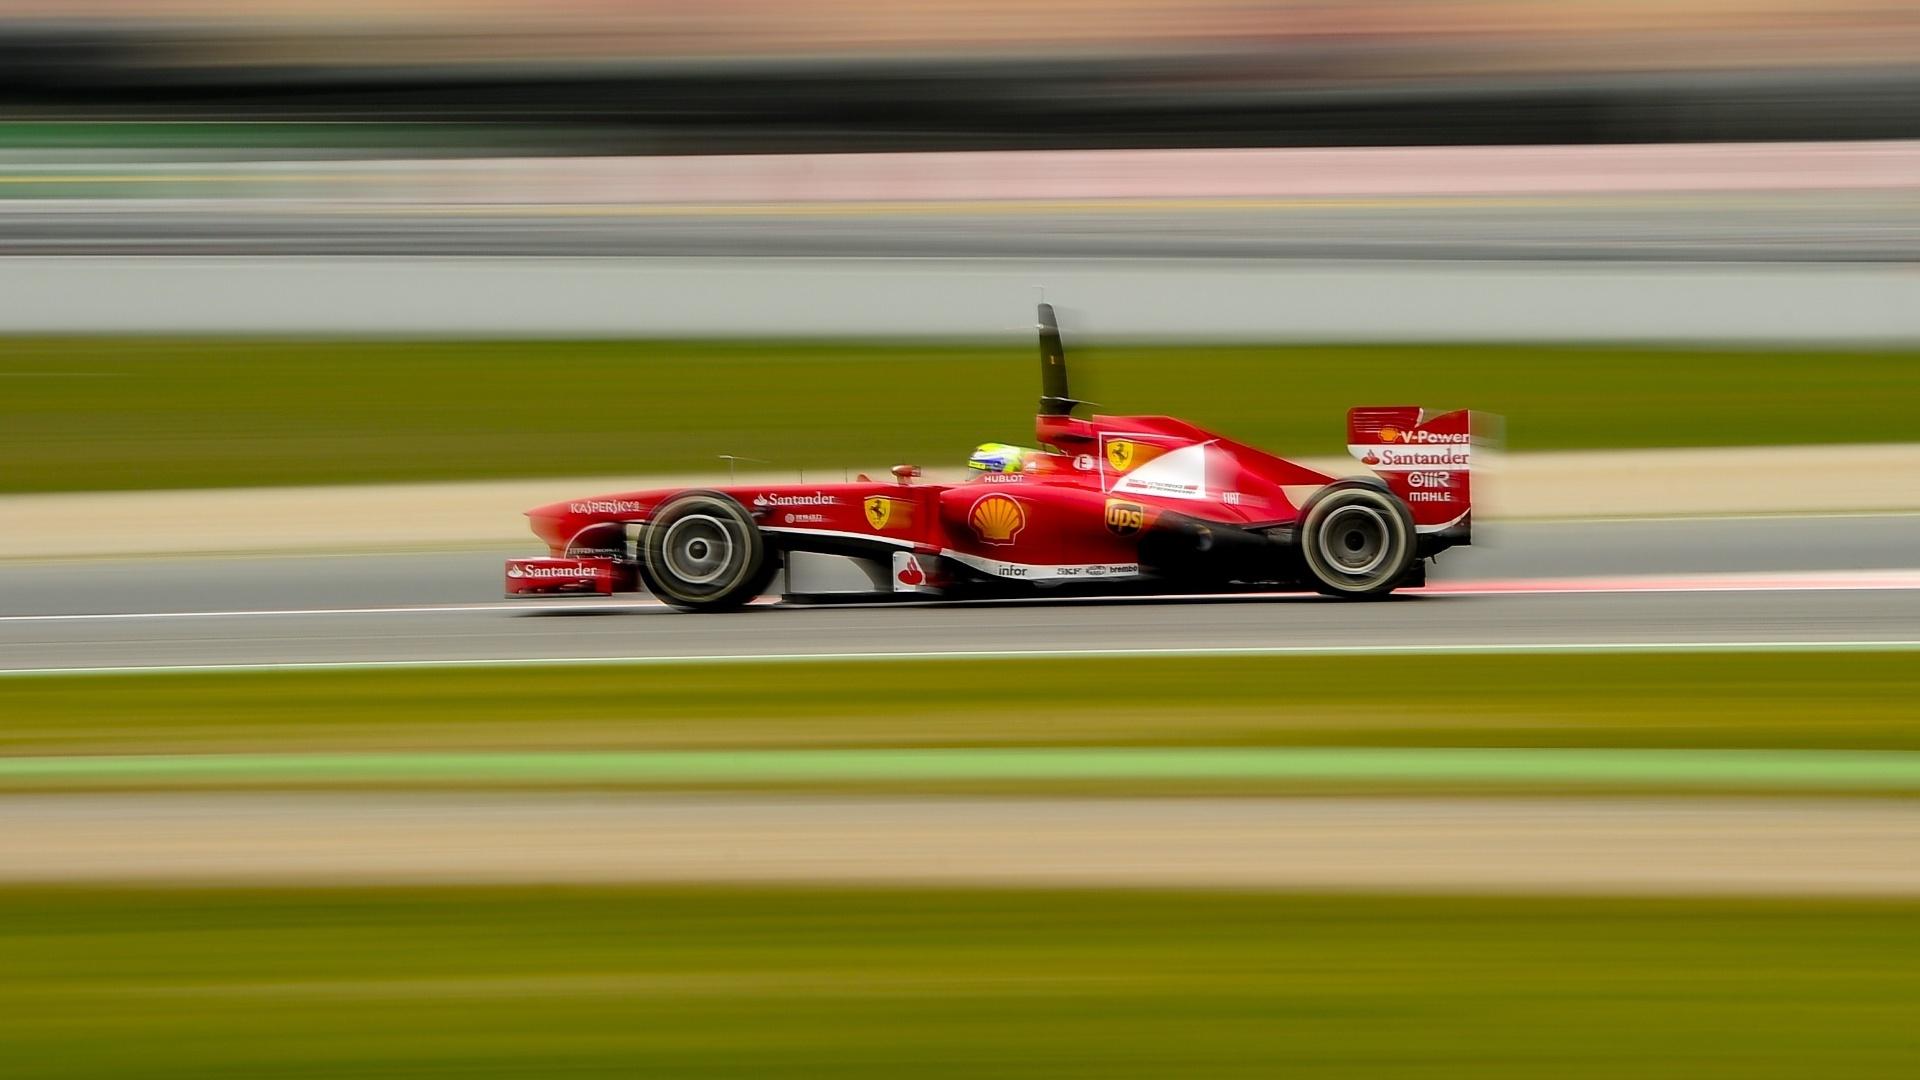 22.fev.2013 - Felipe Massa acelera sua Ferrari pelo circuito de Barcelona durante o último dia de testes coletivos na pista espanhola